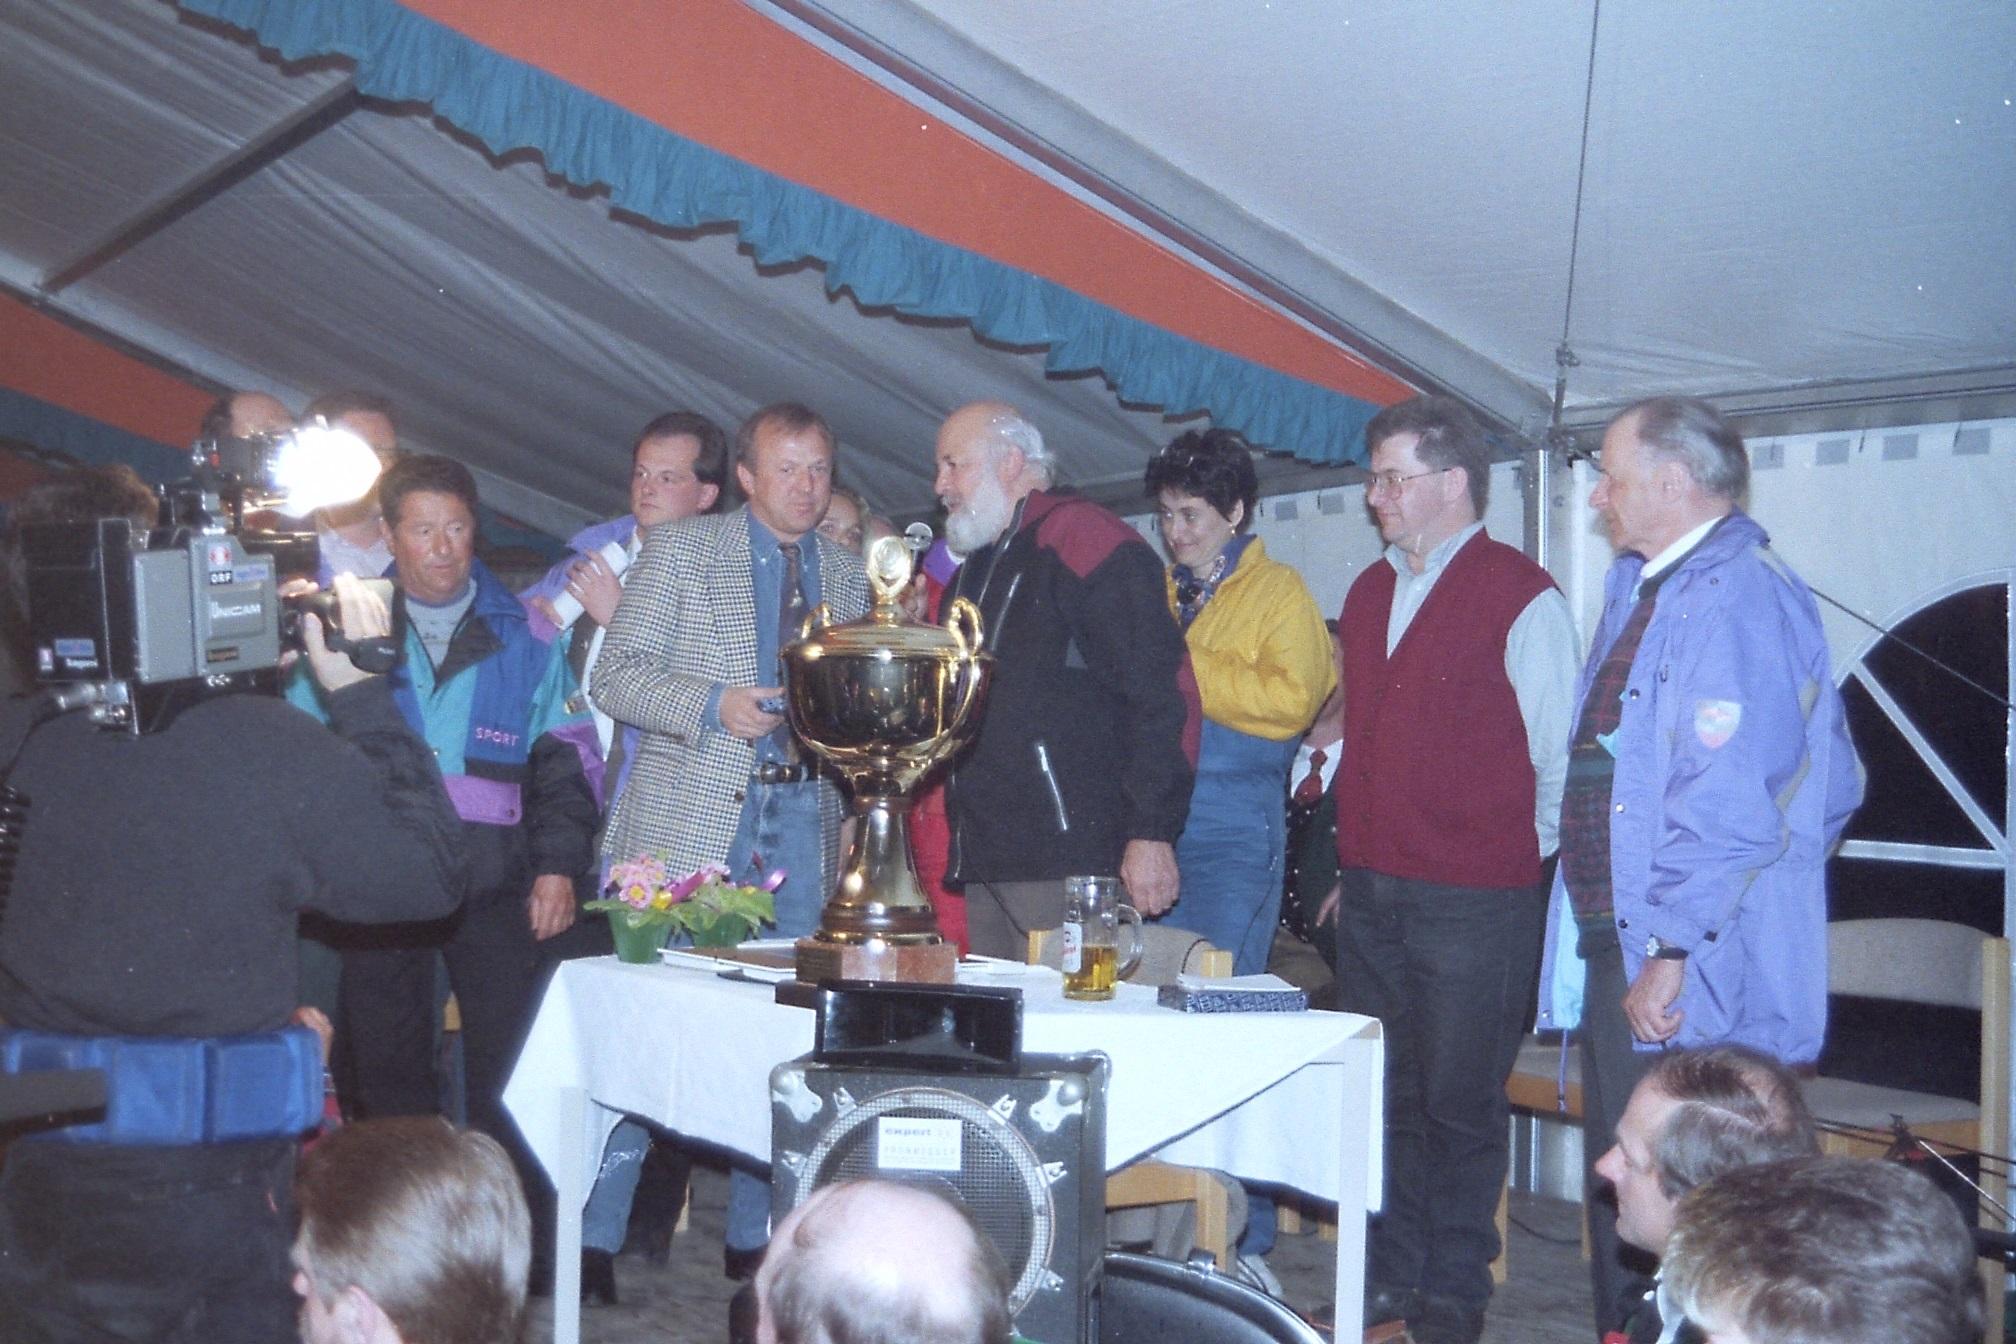 Siegerehrung beim ORF-Skigebietetest am 26. März 1995